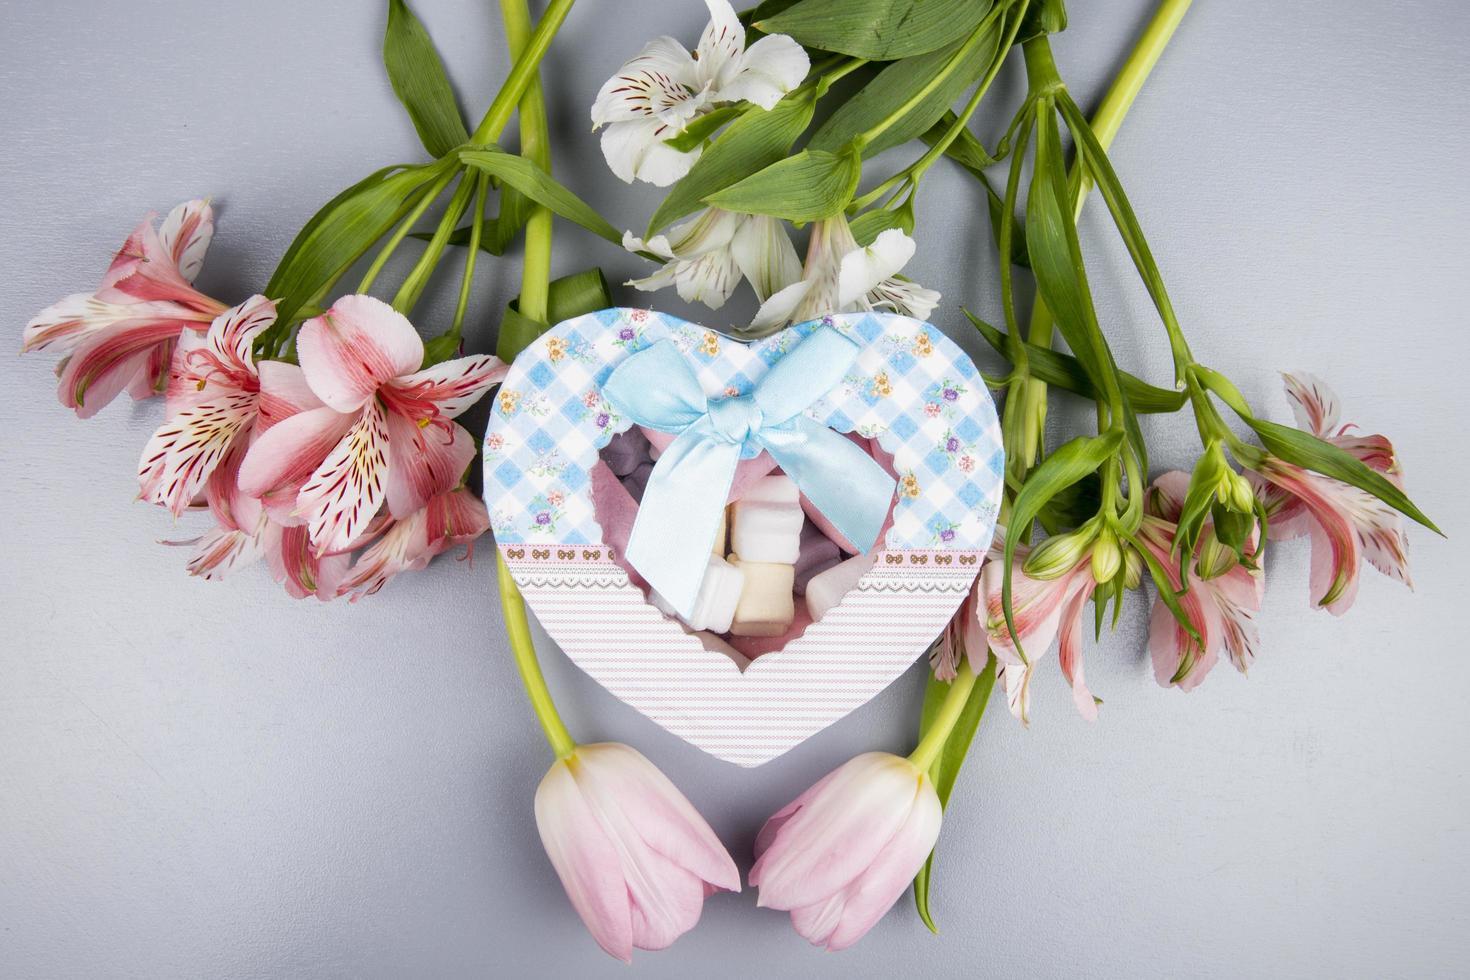 Vue de dessus d'une boîte cadeau en forme de coeur fleurs de tulipes photo